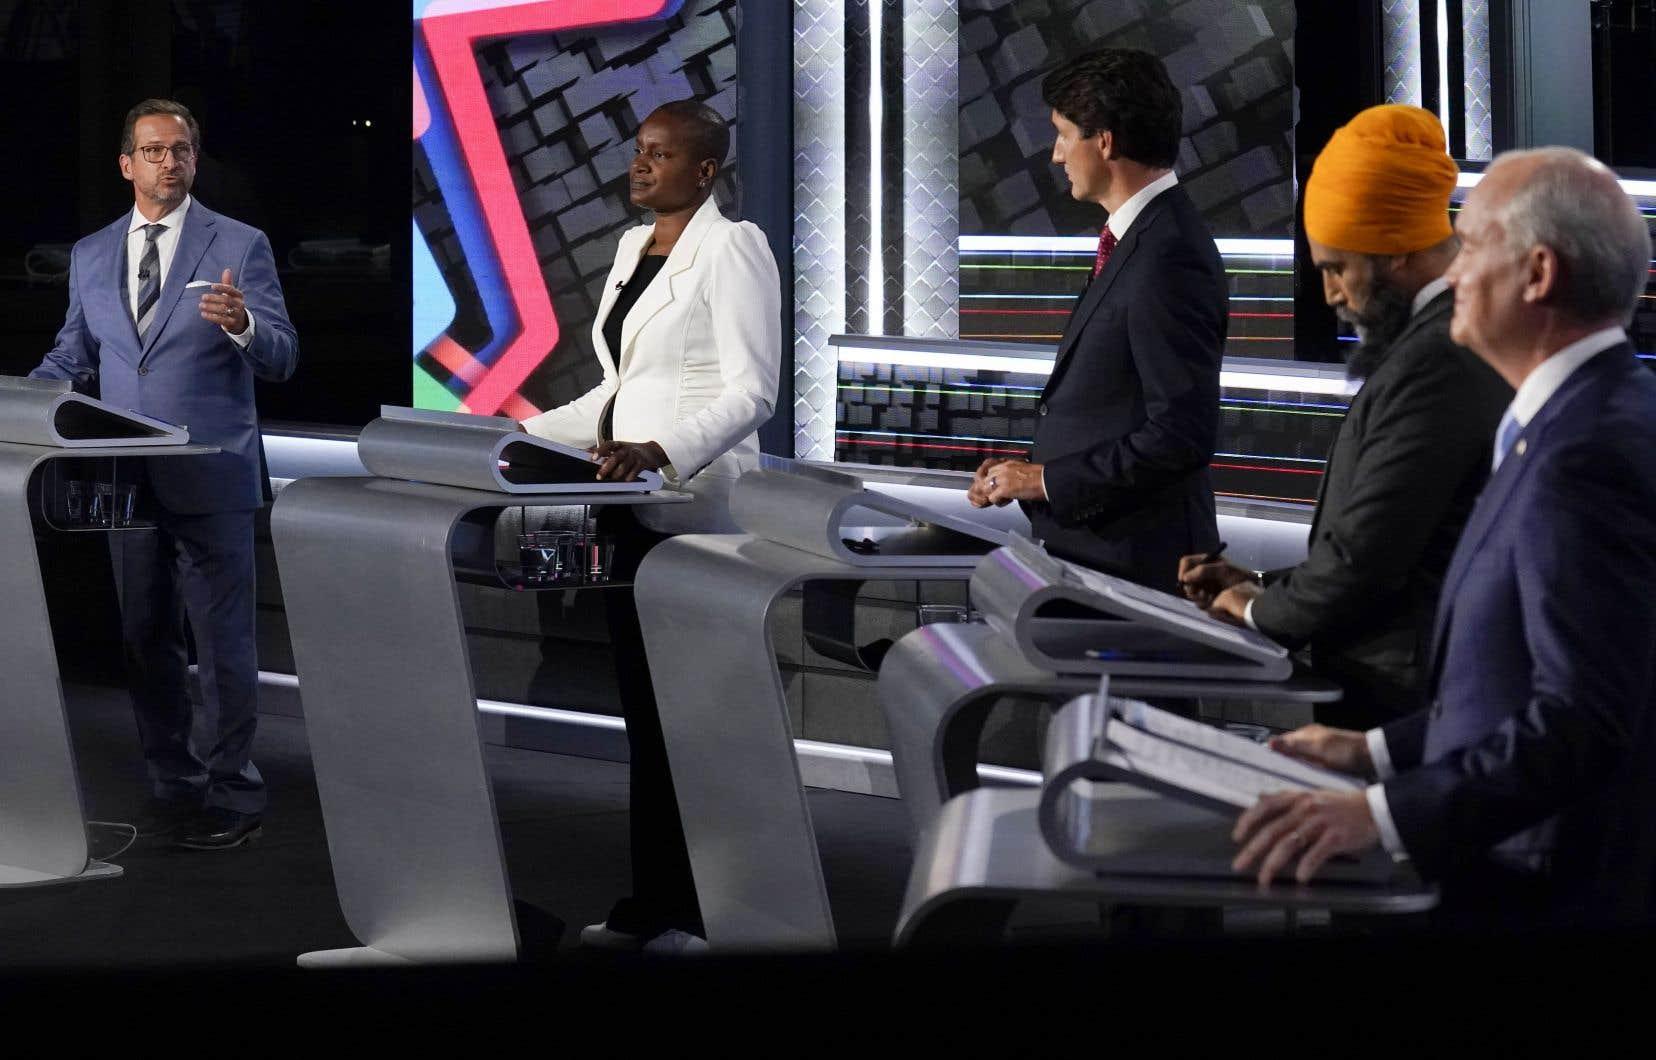 Les chefs fédéraux lors du débat des chefs en anglais, le 9 septembre 2021.